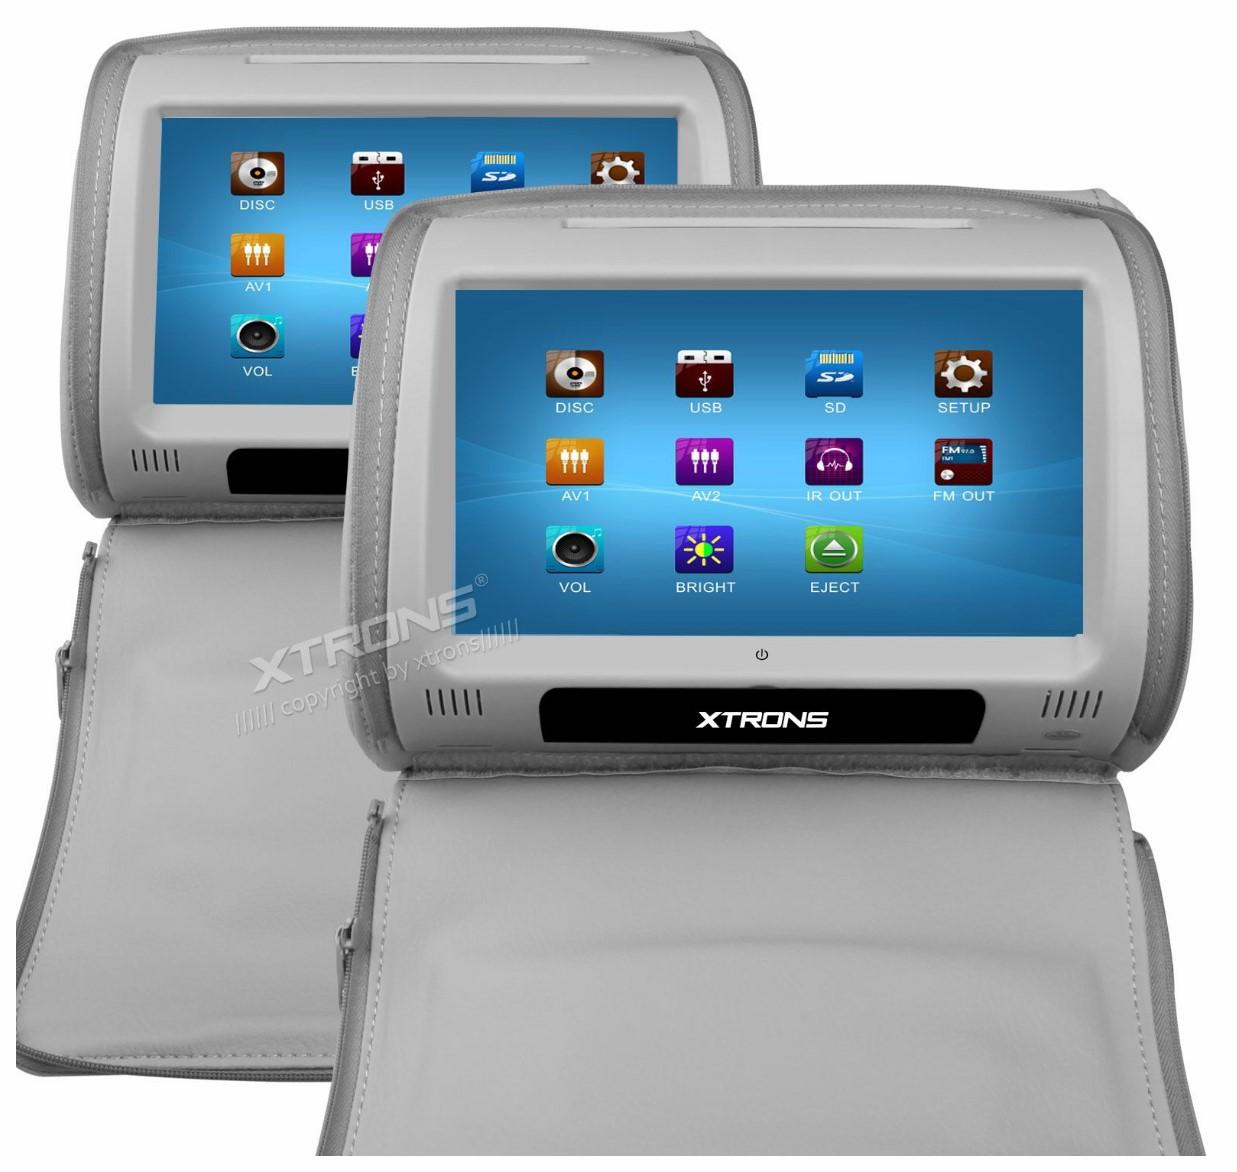 Xtrons HD908TG Repair